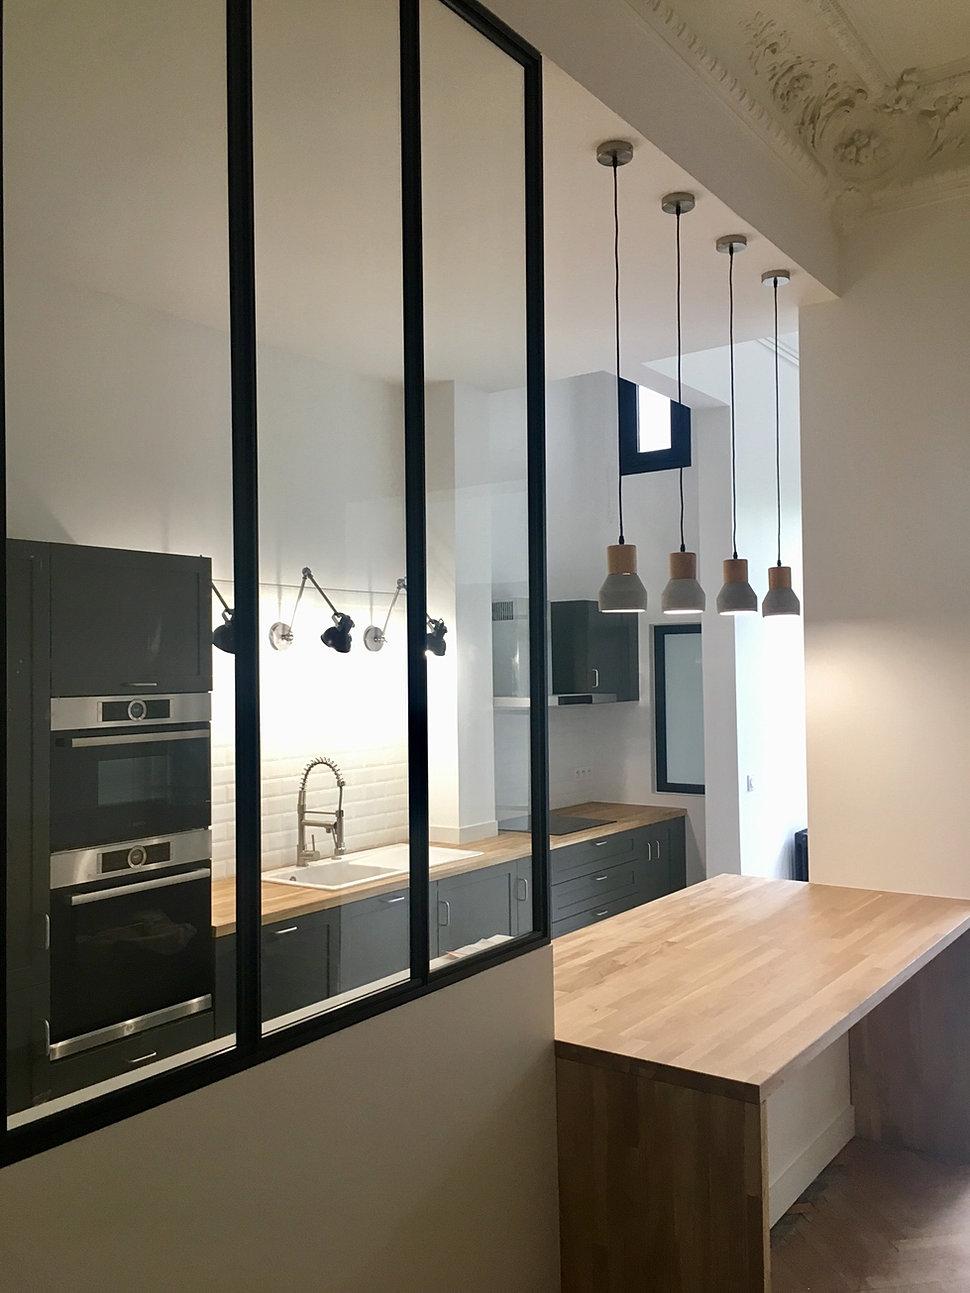 b m architecte int rieur bordeaux r novation d coration. Black Bedroom Furniture Sets. Home Design Ideas